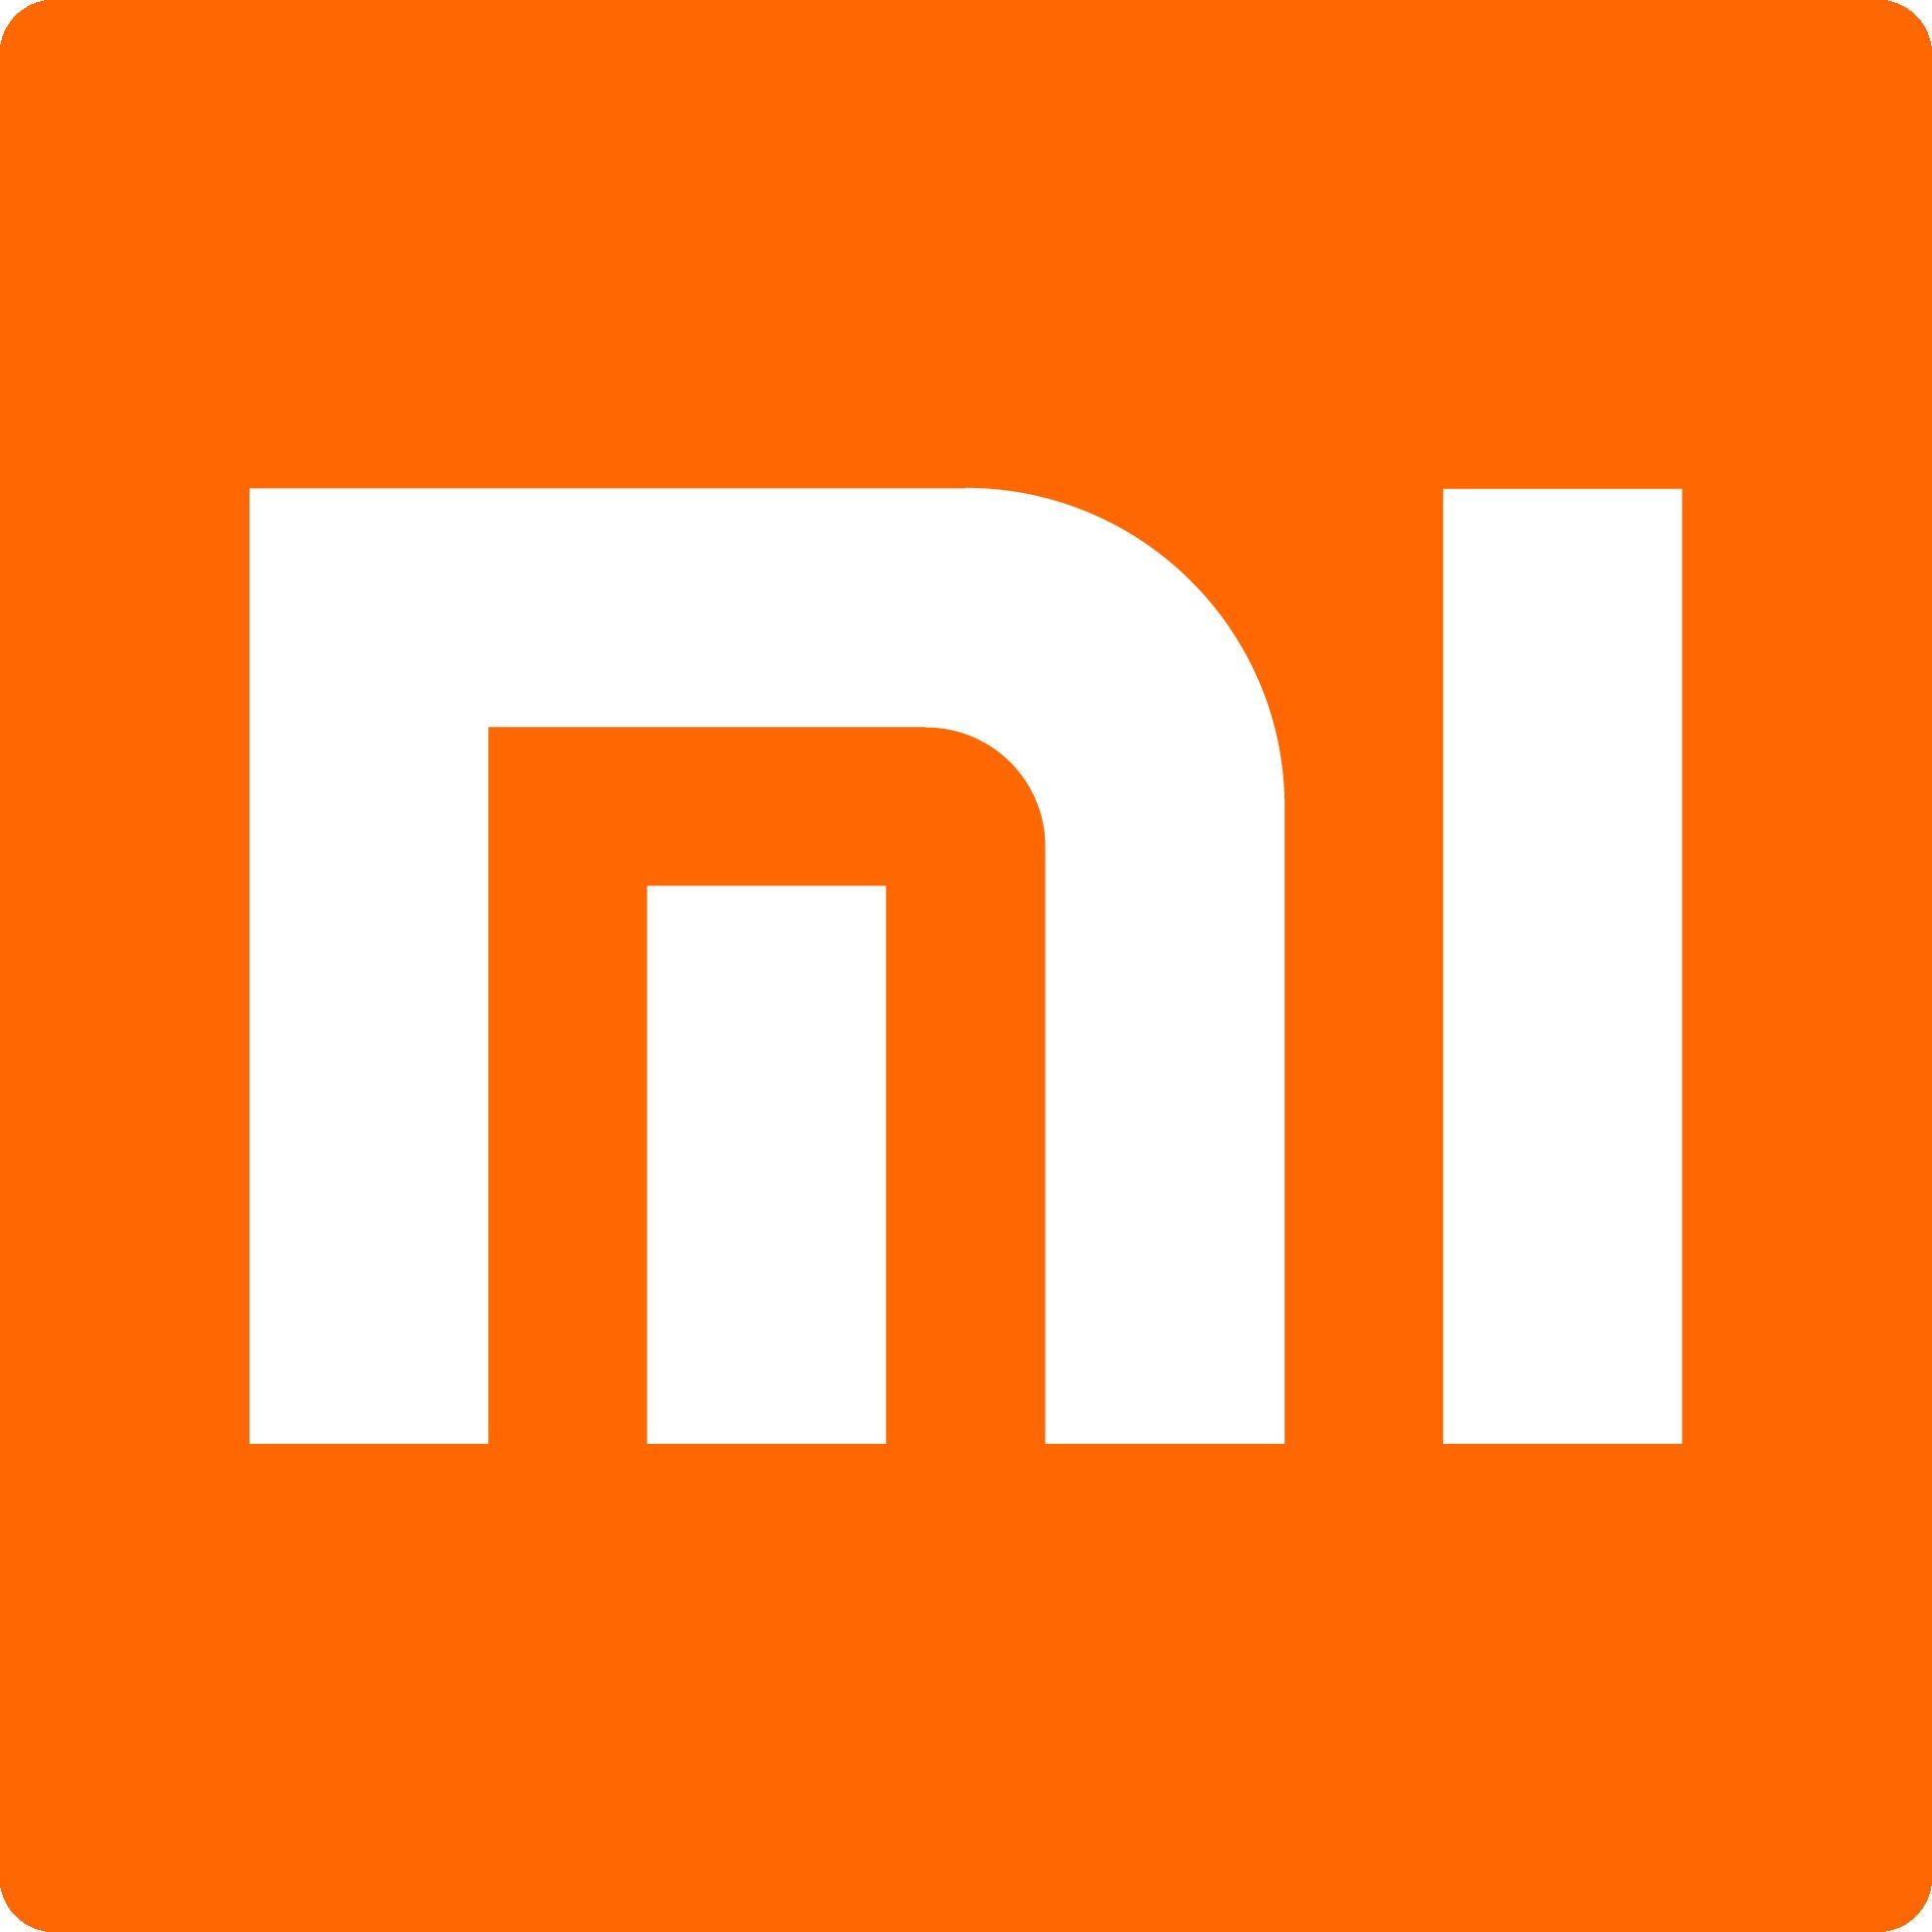 Mi-Xiaomi